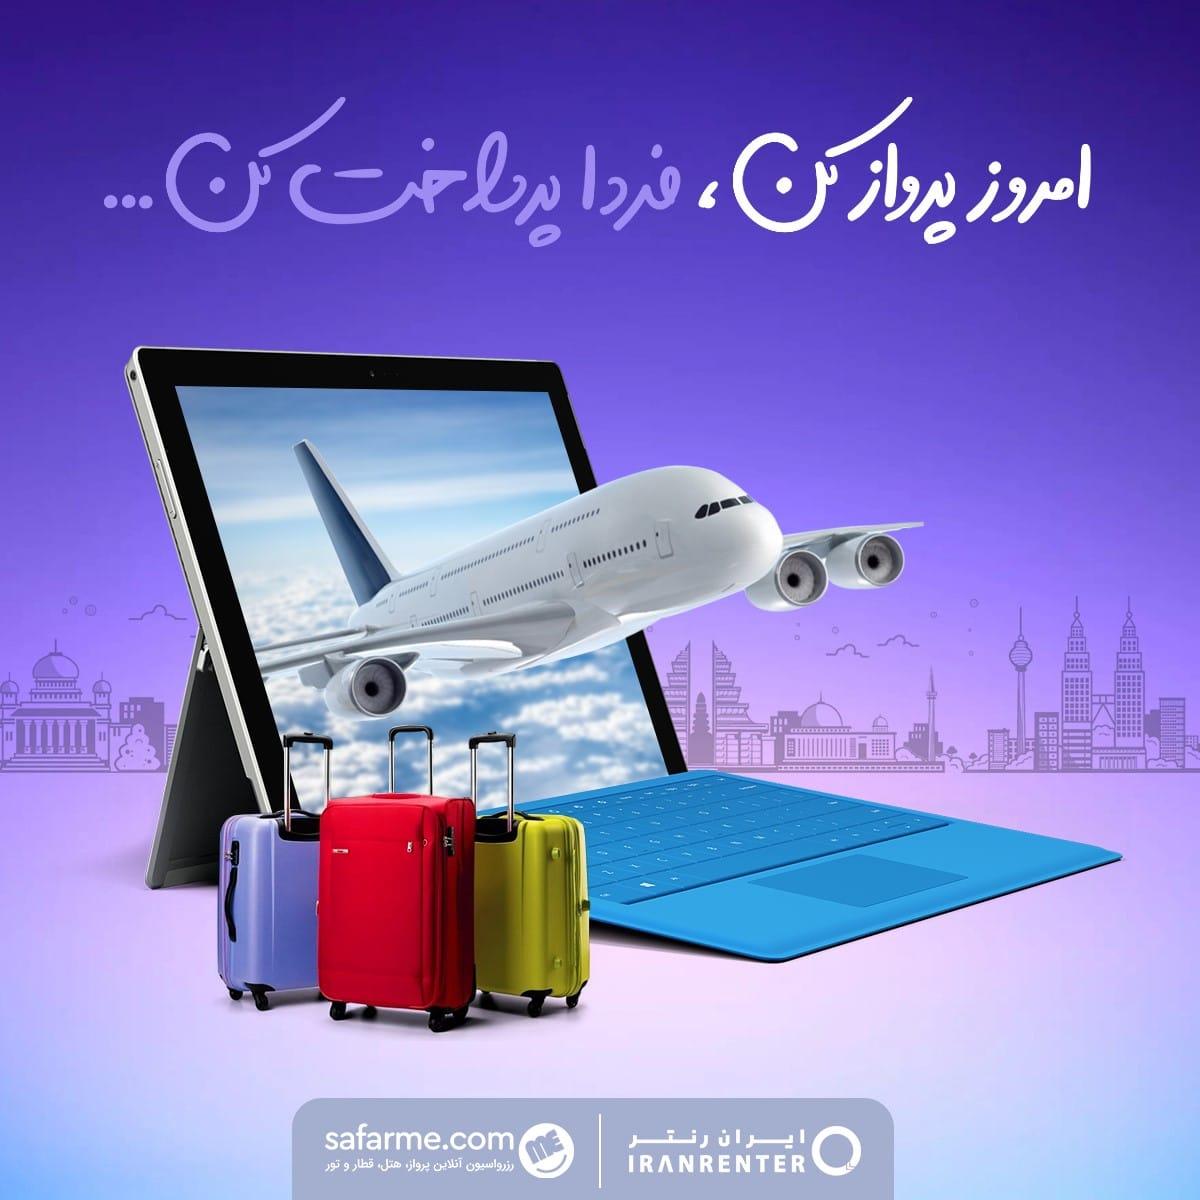 خرید بلیط هواپیما و رزرو هتل به صورت اقساط